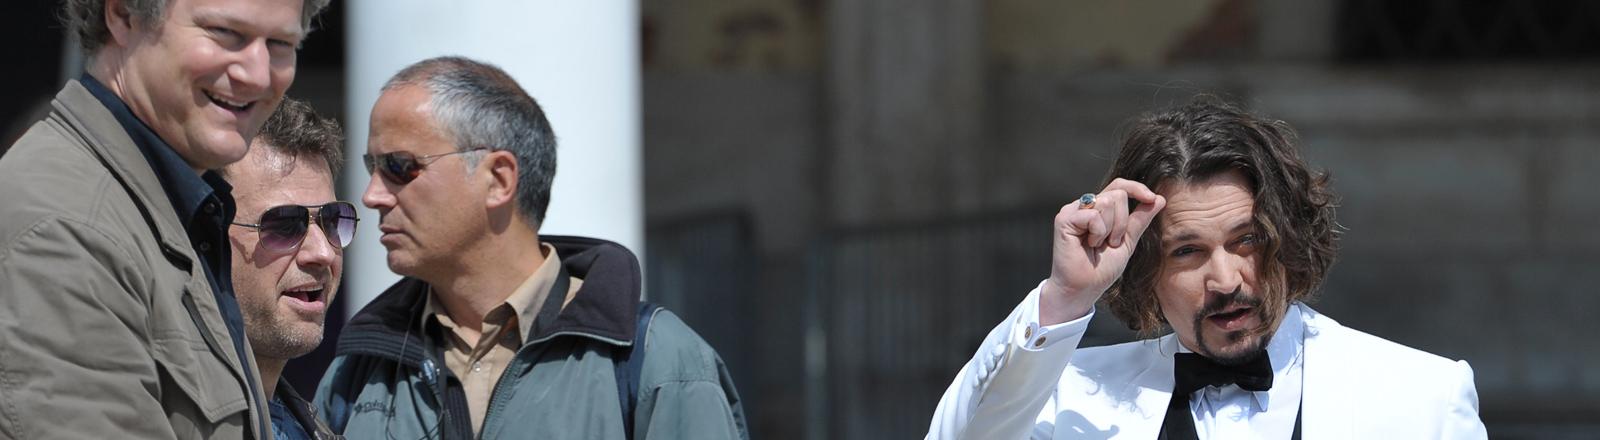 """Der US-amerikanische Schauspieler Johnny Depp (r) spricht mit dem deutschen Regisseur Florian Henckel von Donnersmarck am Donnerstag (13.05.2010) auf dem Markusplatz (ital.: Piazza San Marco) in Venedig, Italien, vor einer Szene des Films """"The Tourist""""."""